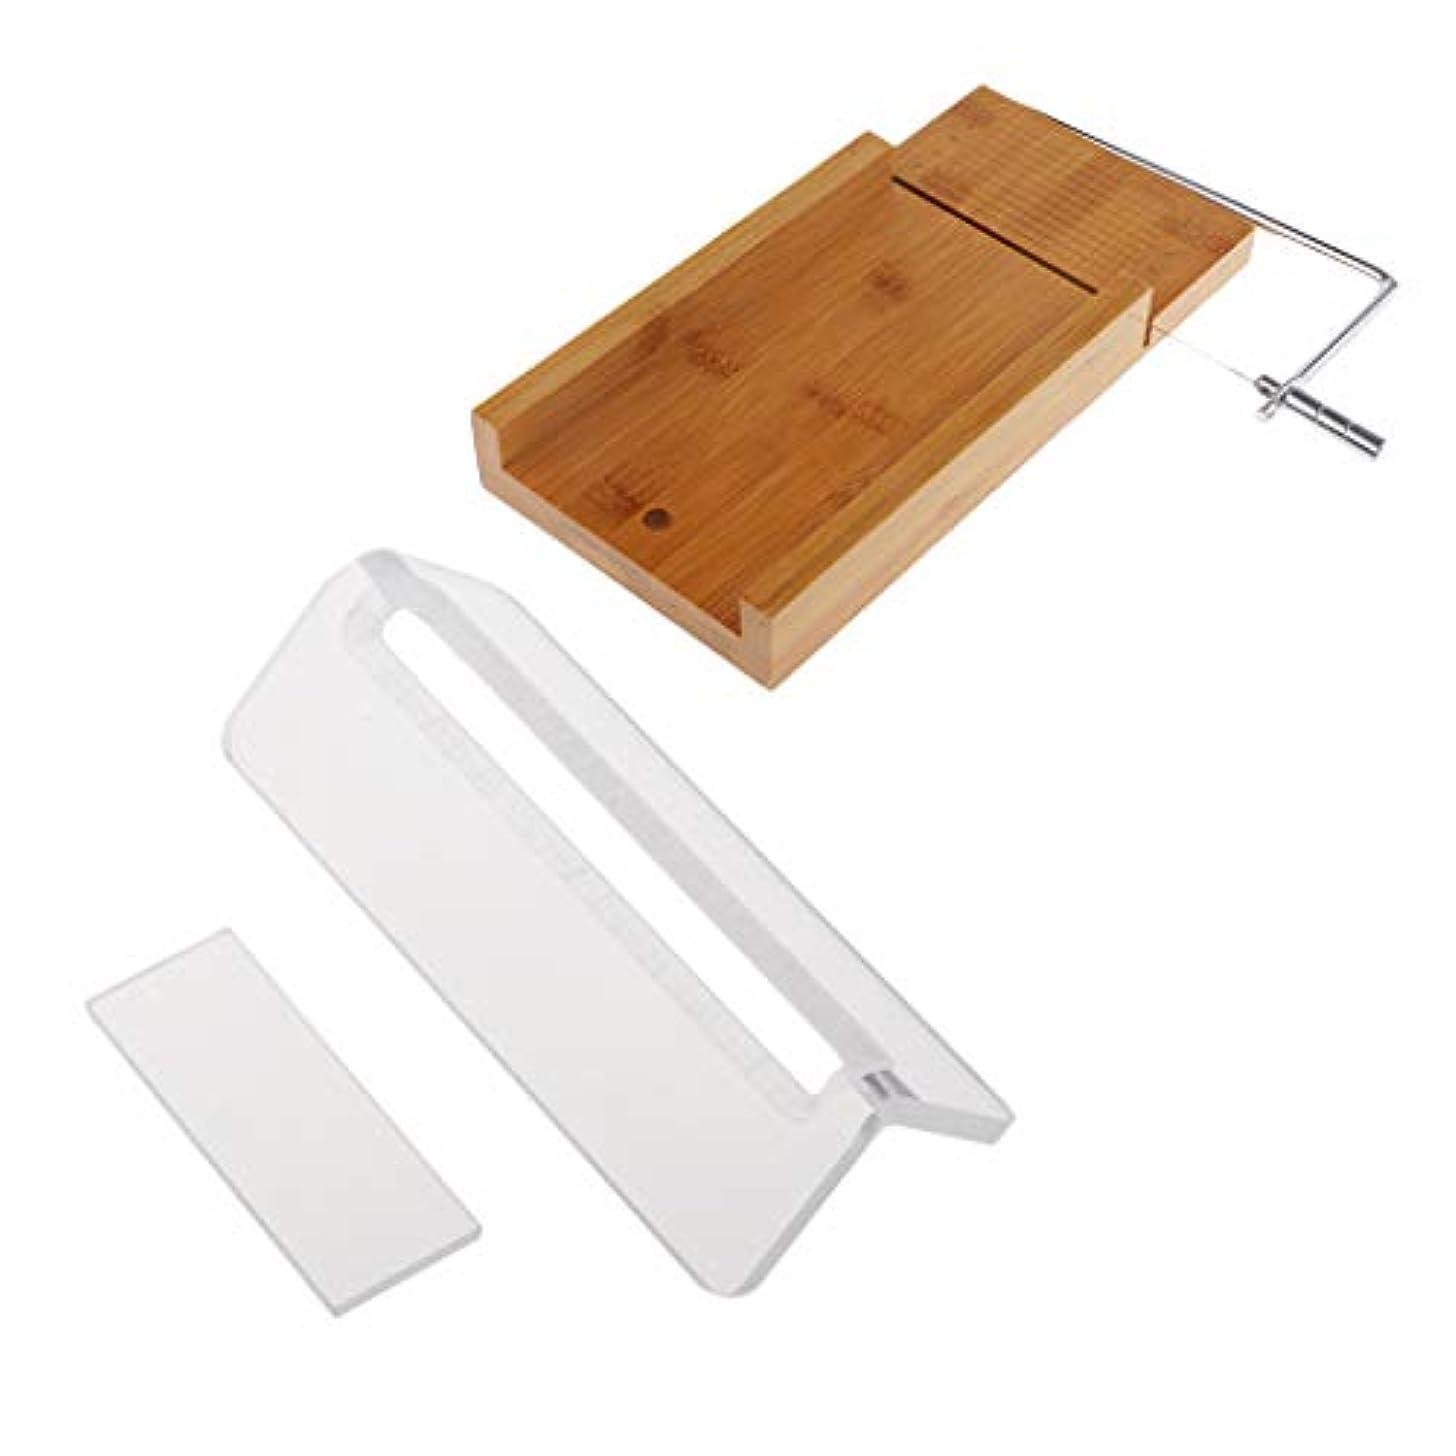 キルス影のあるうなり声ローフカッター 木製 ソープ包丁 石鹸カッター 手作り石鹸 DIY キッチン用品 2個入り